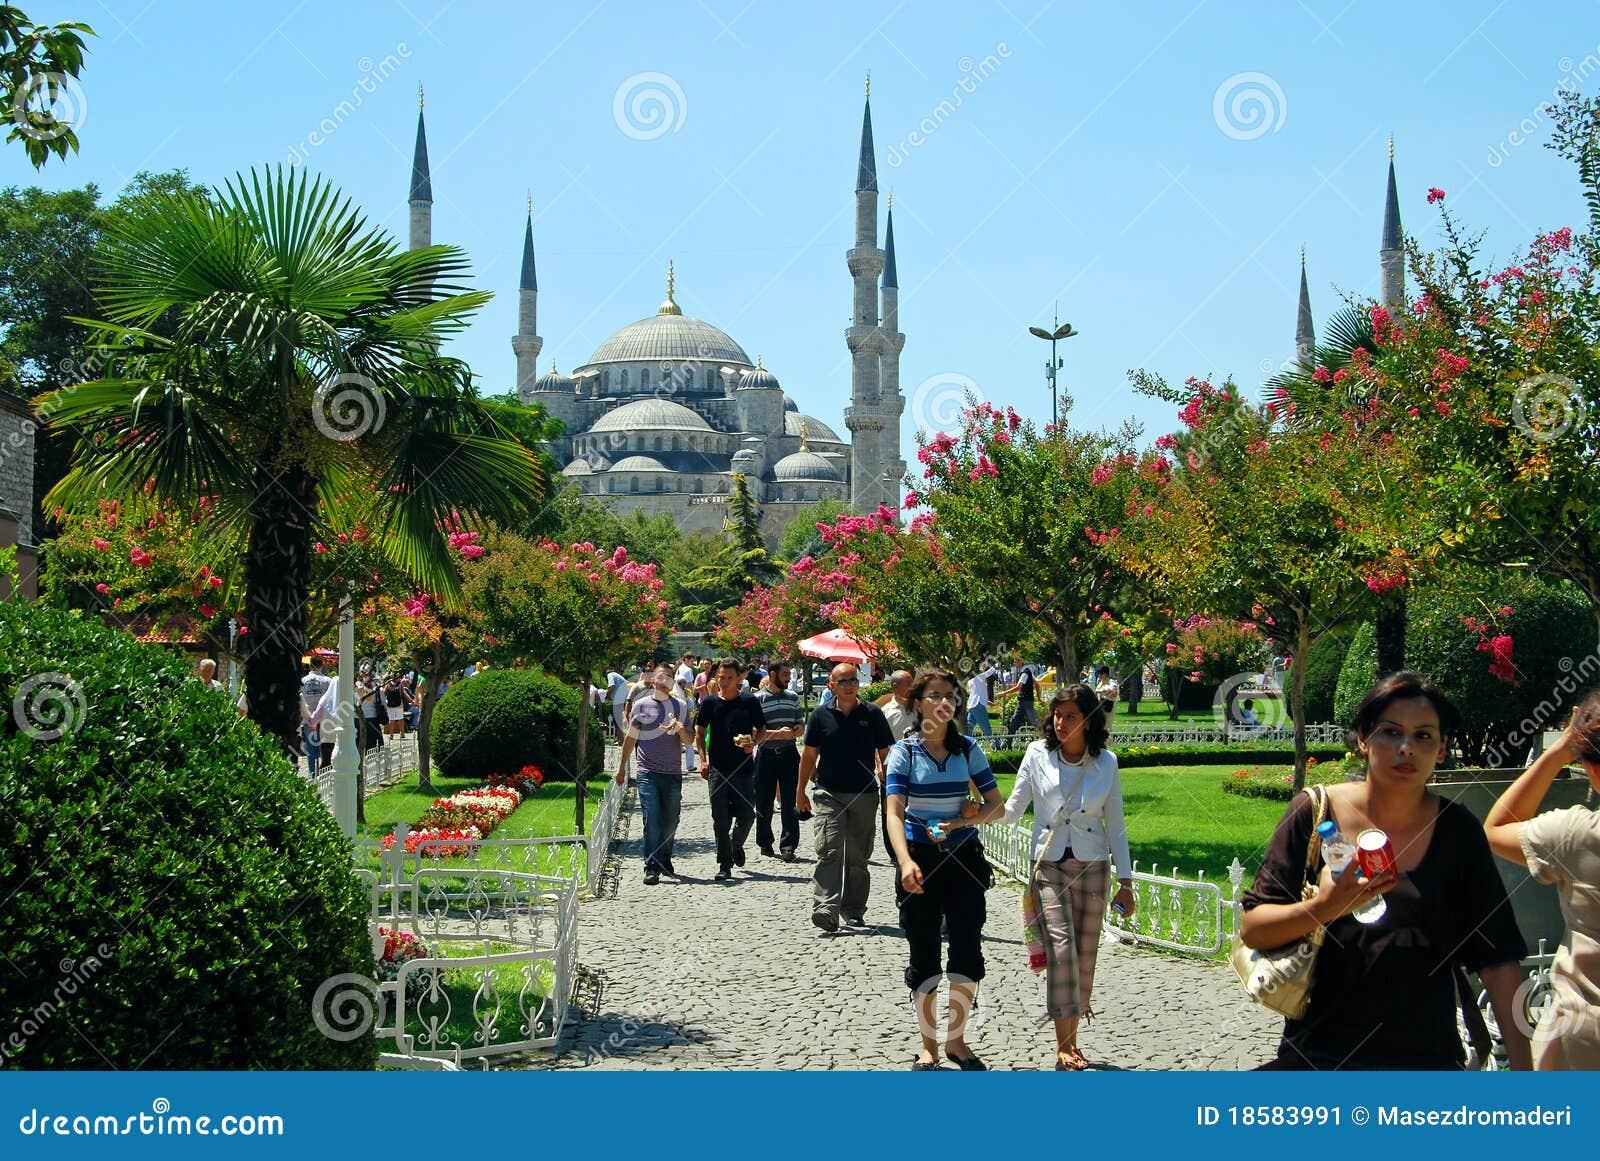 Turistas en estambul turqu a foto editorial imagen for Oficina de turismo estambul